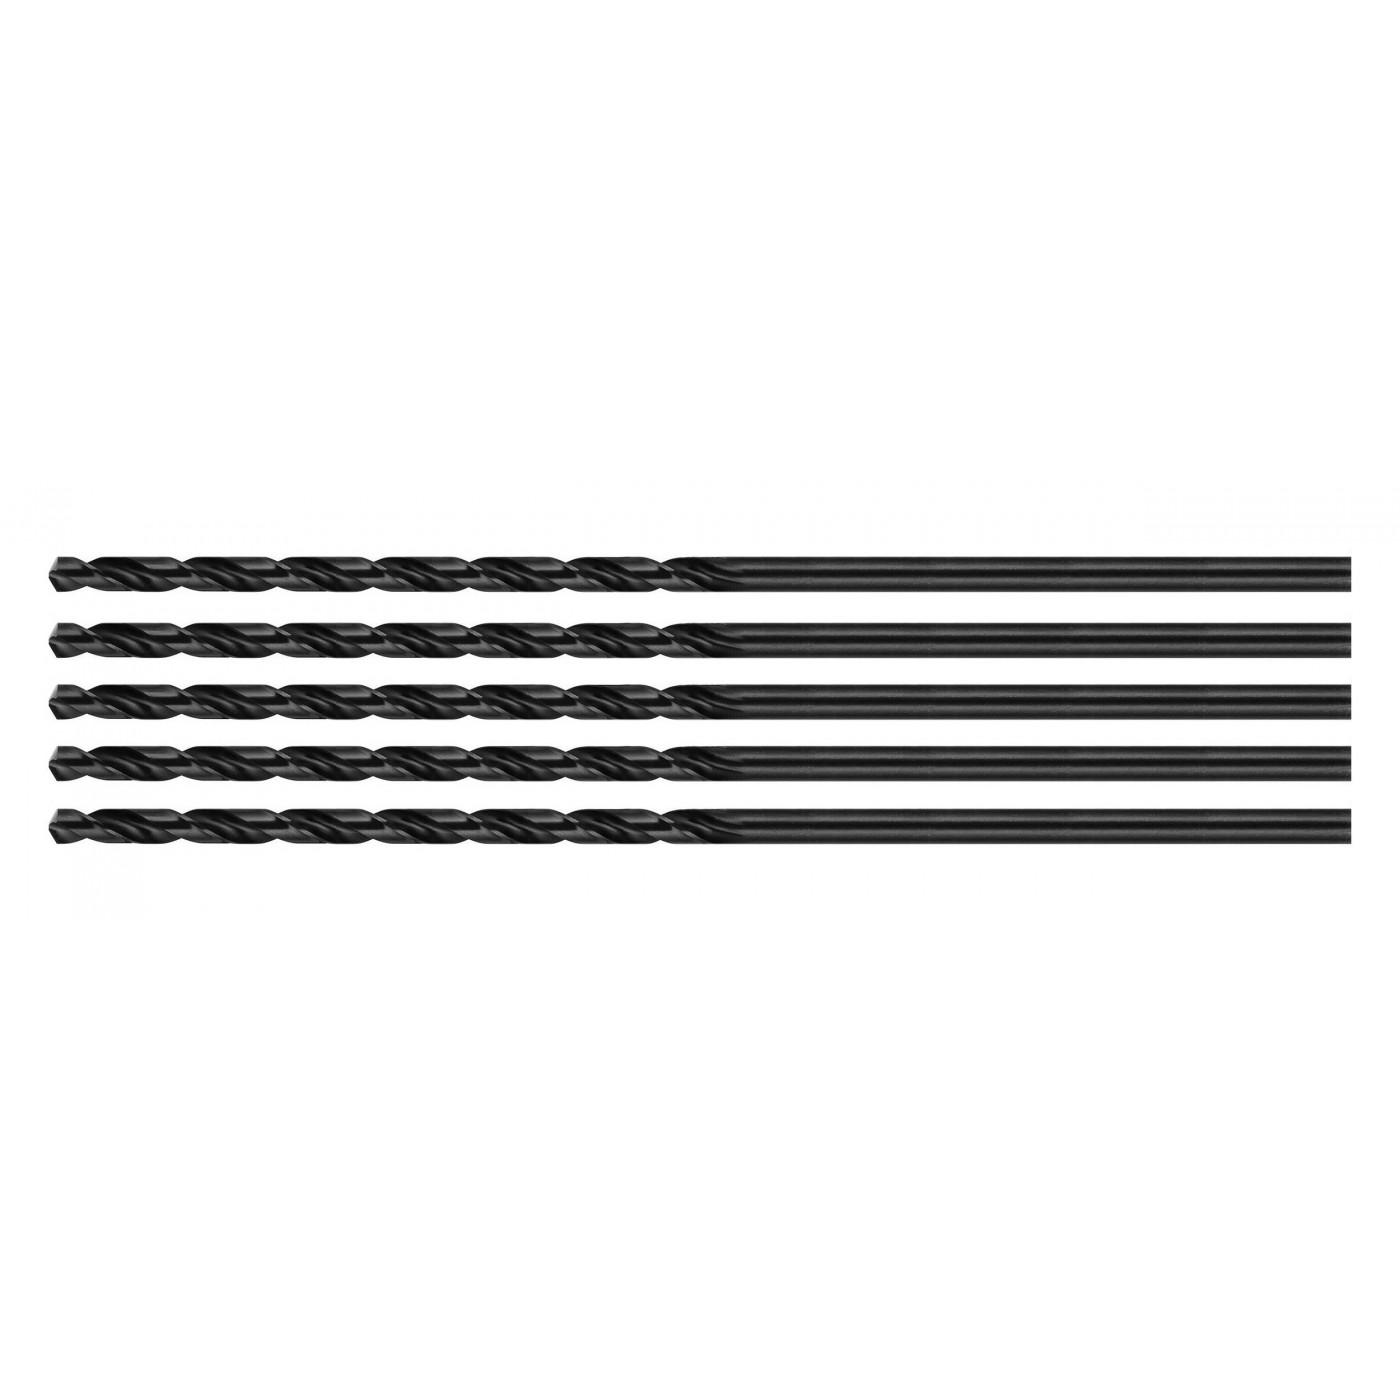 Set von 5 Metallbohrern (HSS, 4,5 x 150 mm)